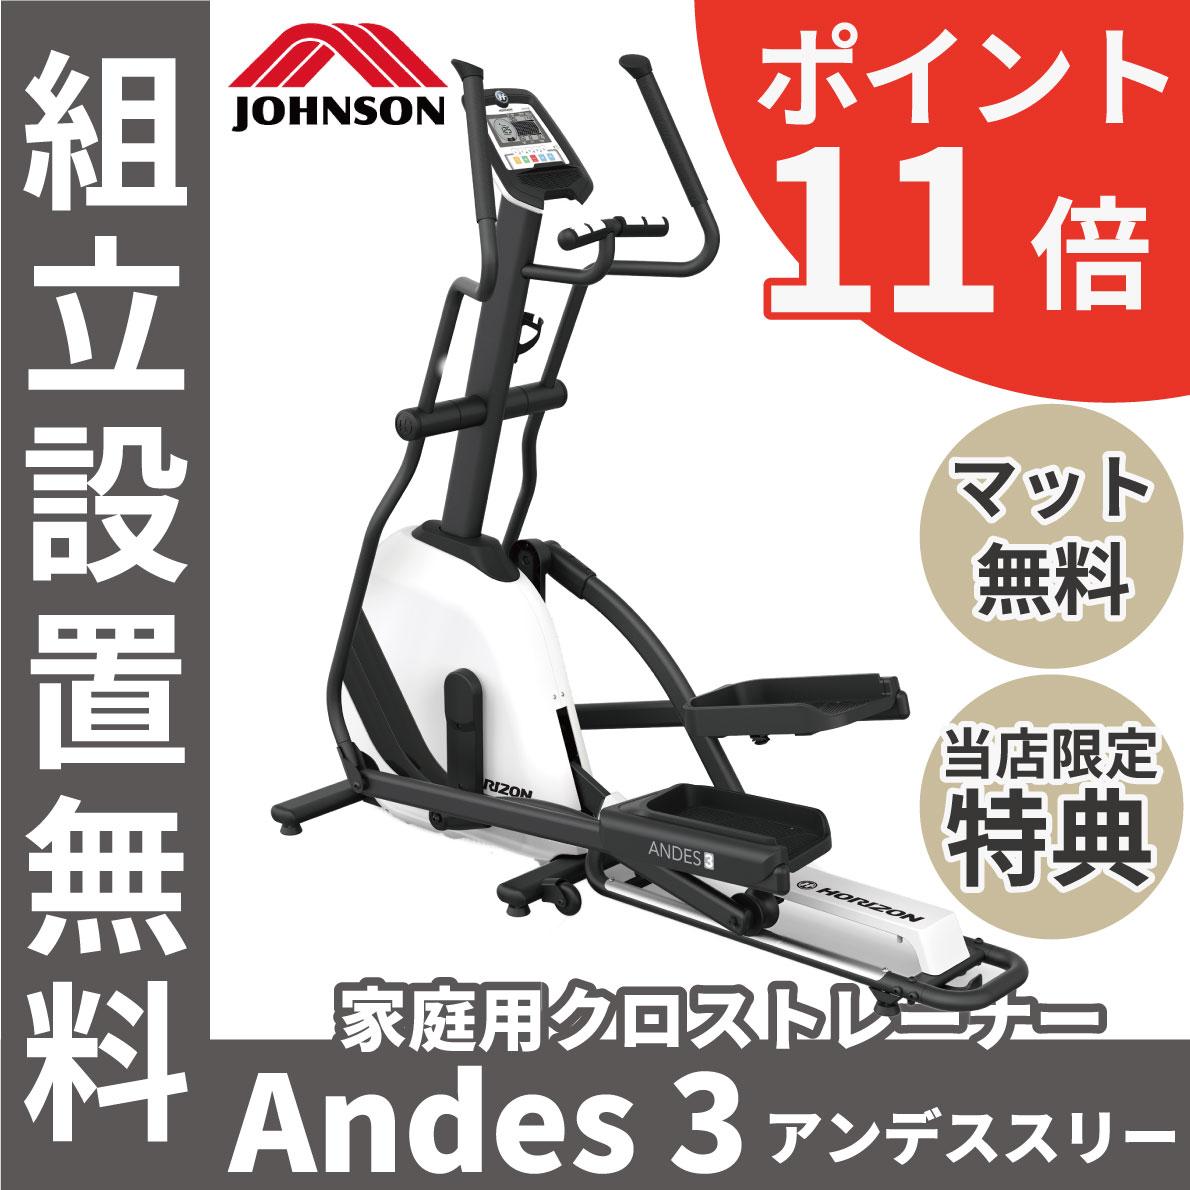 クロストレーナー ジョンソンヘルステック エリプティカル ANDES3 アンデススリー Andes ジョンソン JOHNSON 家庭用 室内用 フィットネスマシン エクササイズ 有酸素運動 送料無料 組立設置無料 純正マットプレゼント ポイント11倍